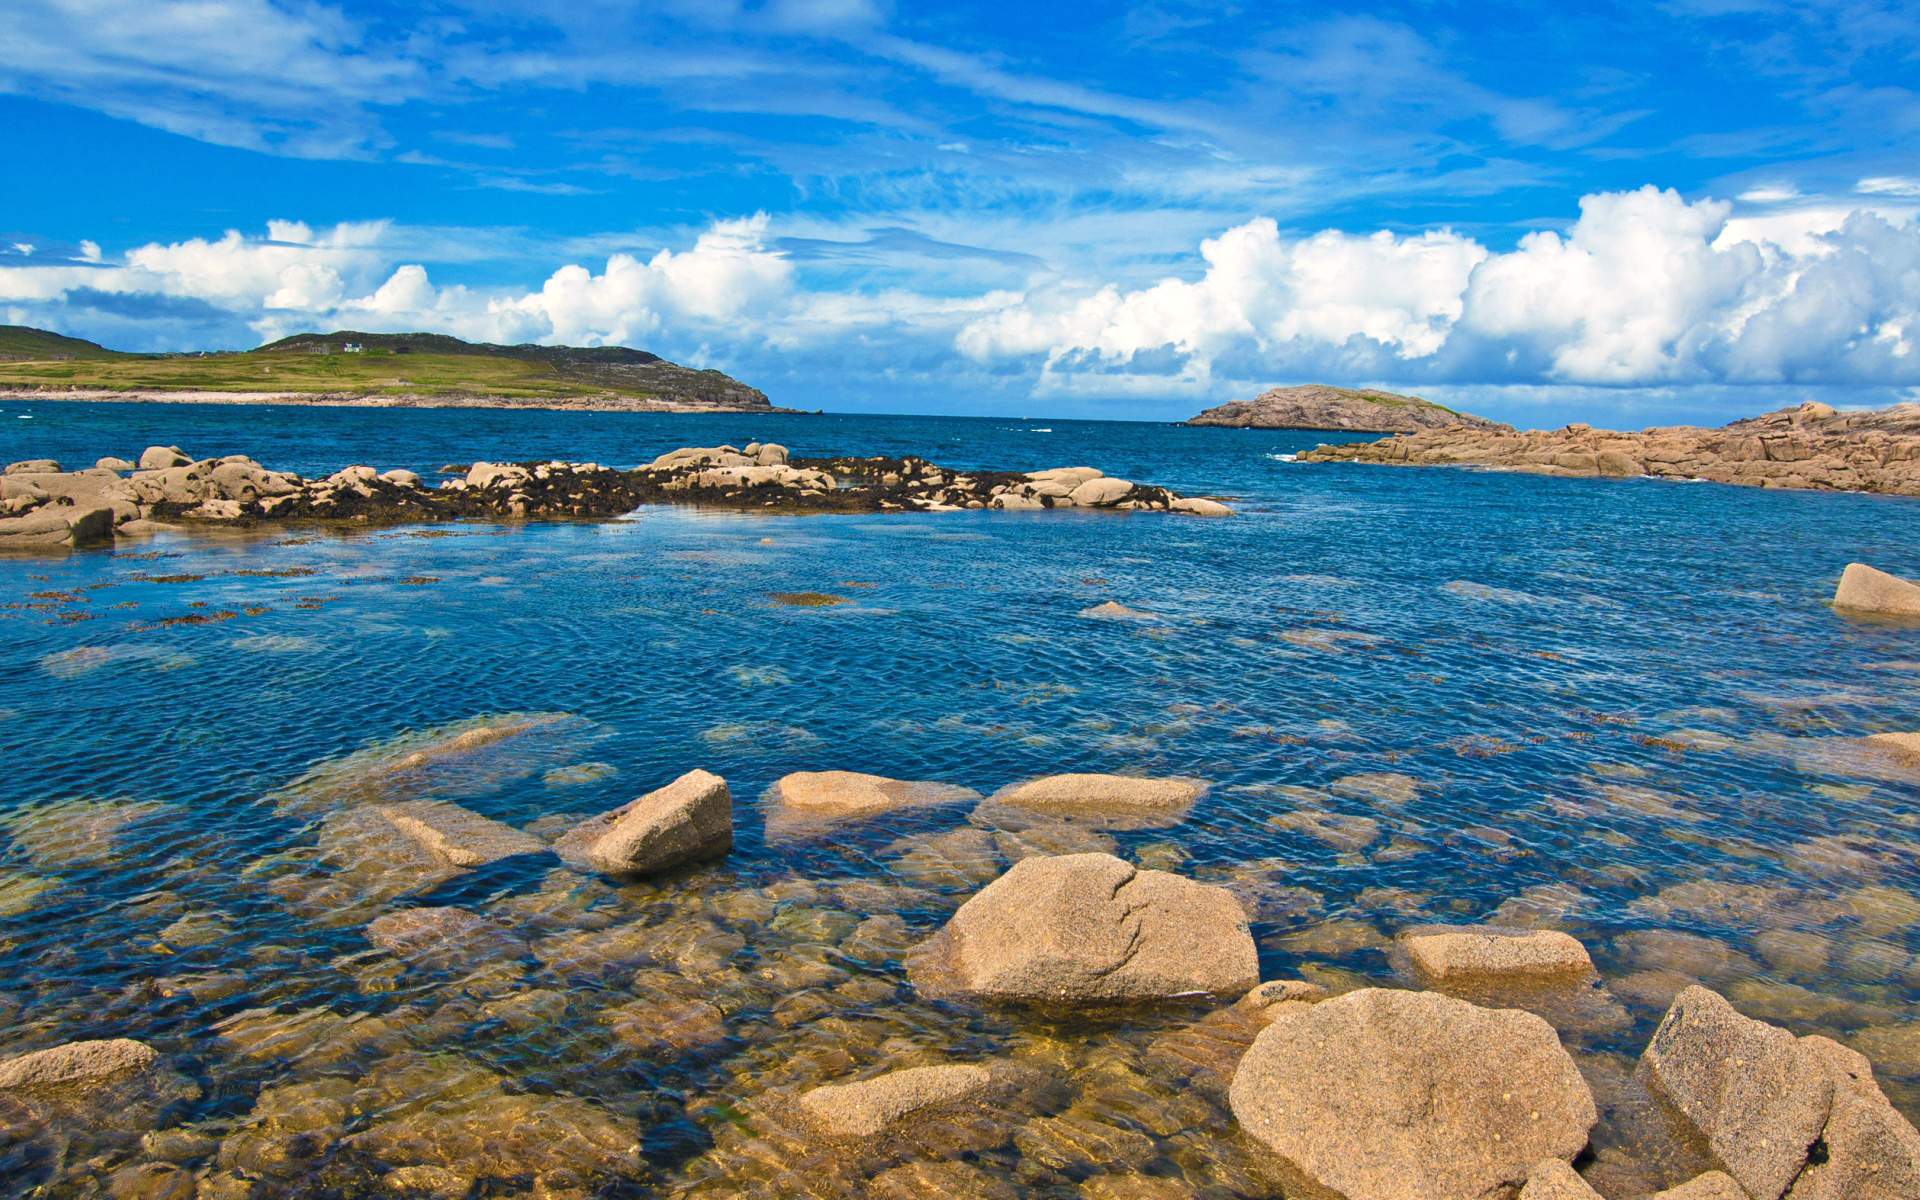 море, камни, скалы